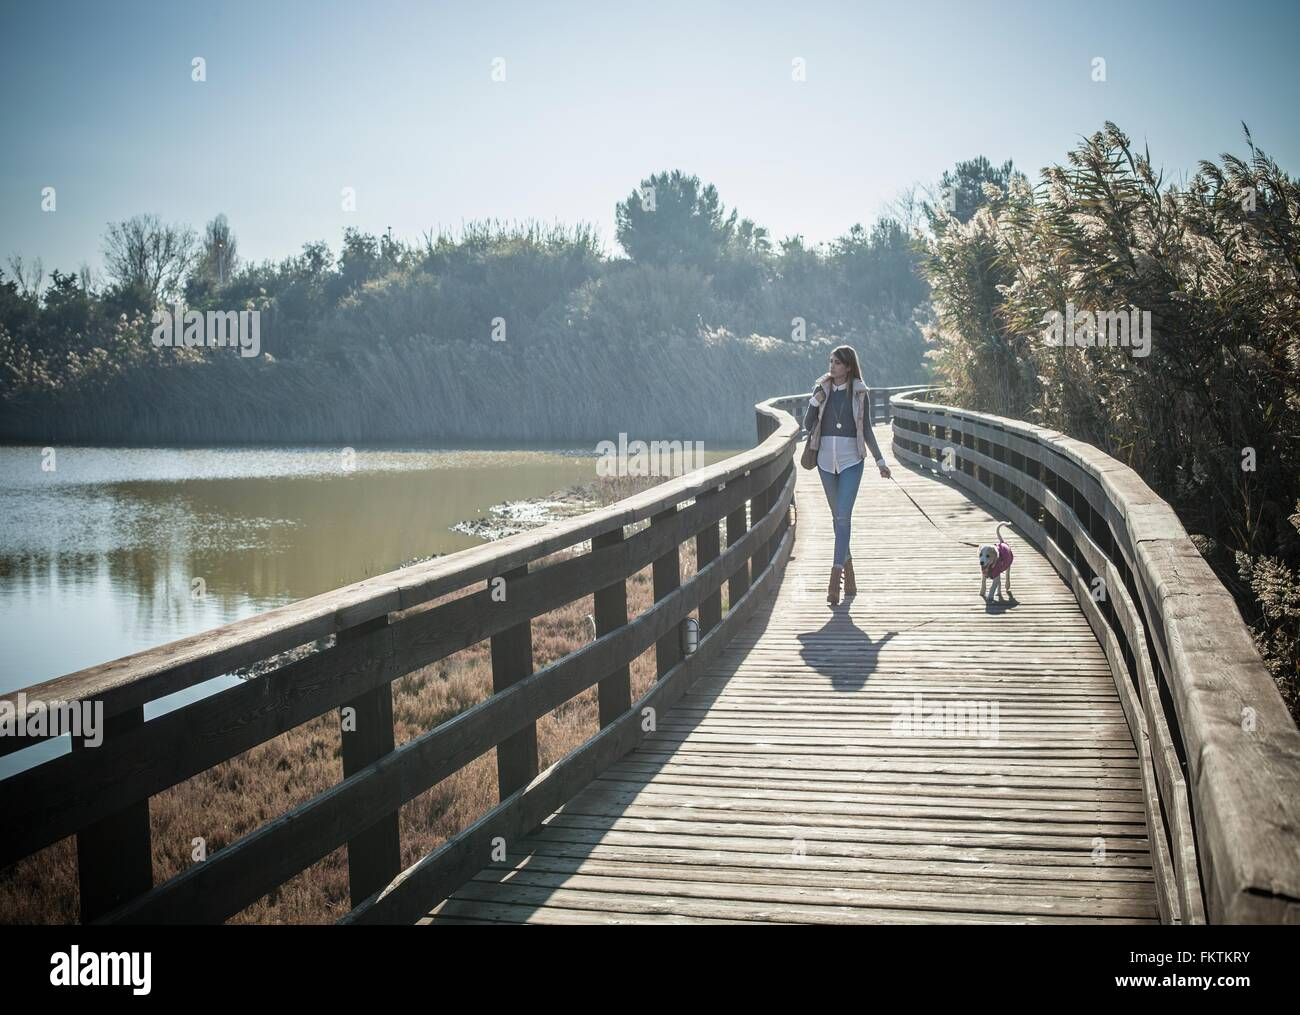 Lunghezza piena vista anteriore giovane donna legno passerella sopraelevata cane a piedi Immagini Stock